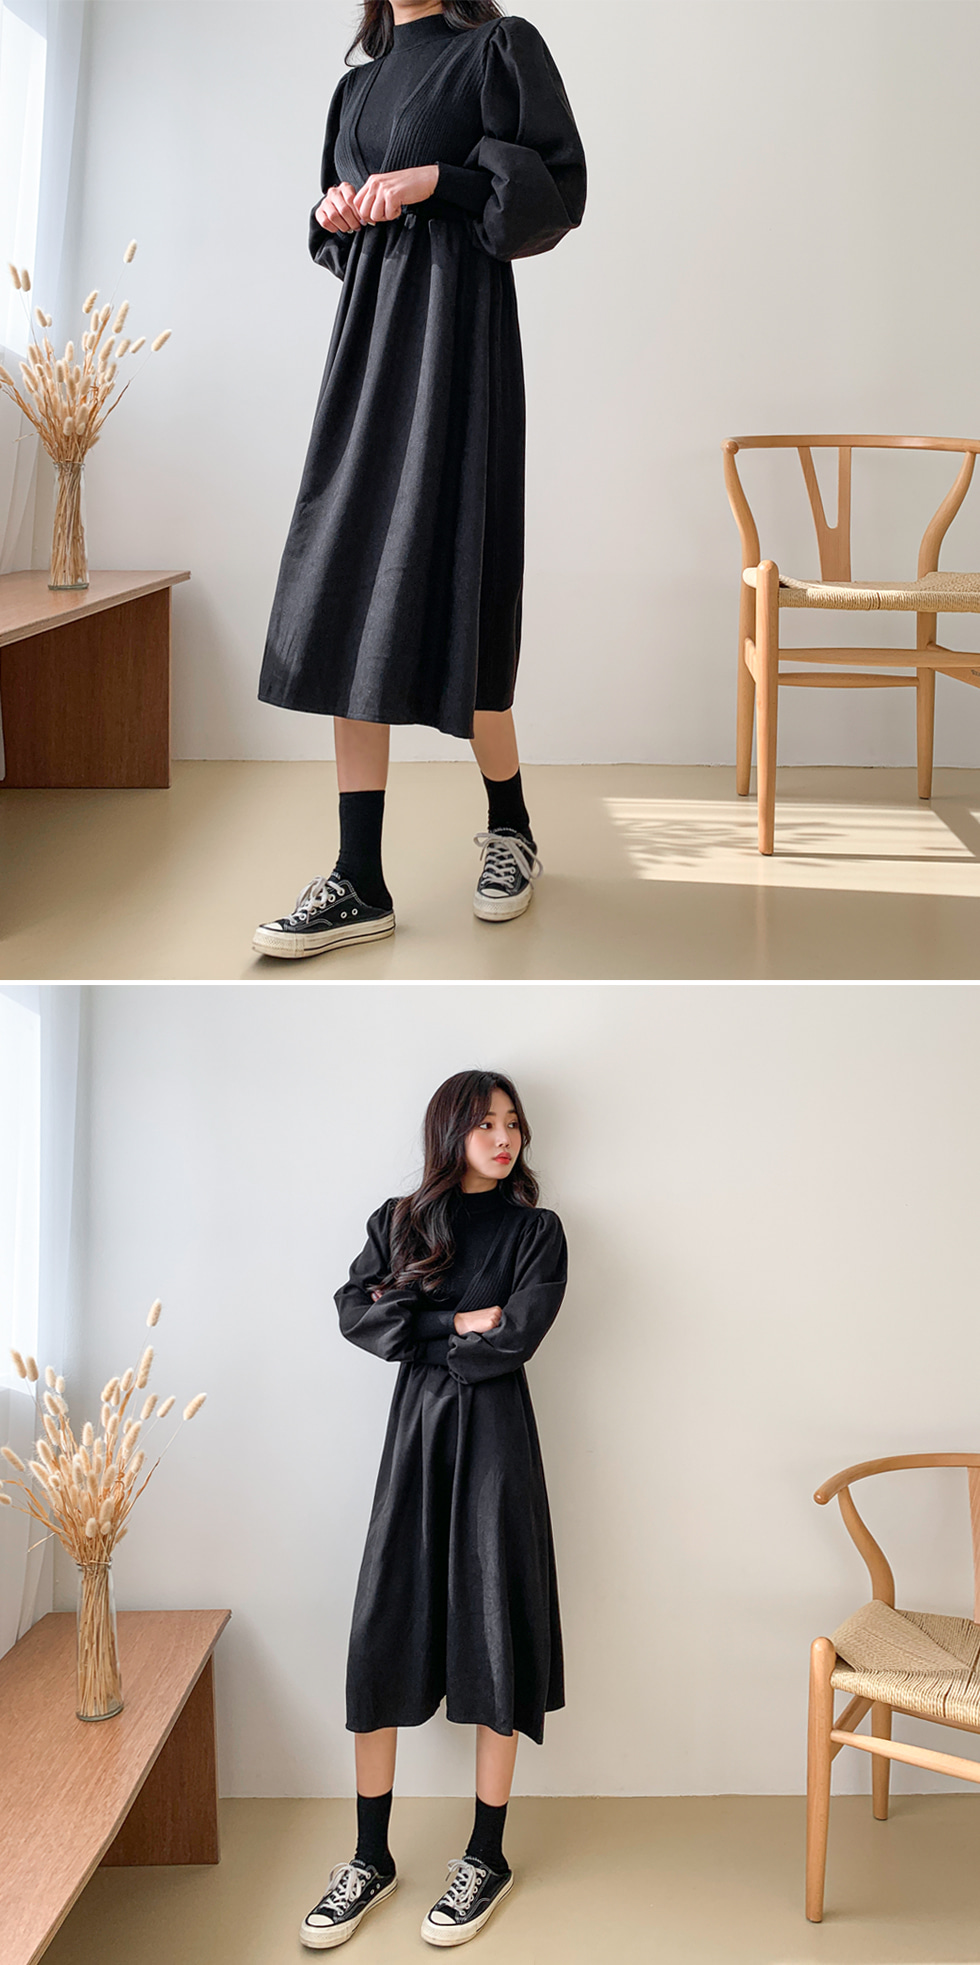 Mimi Double Dress